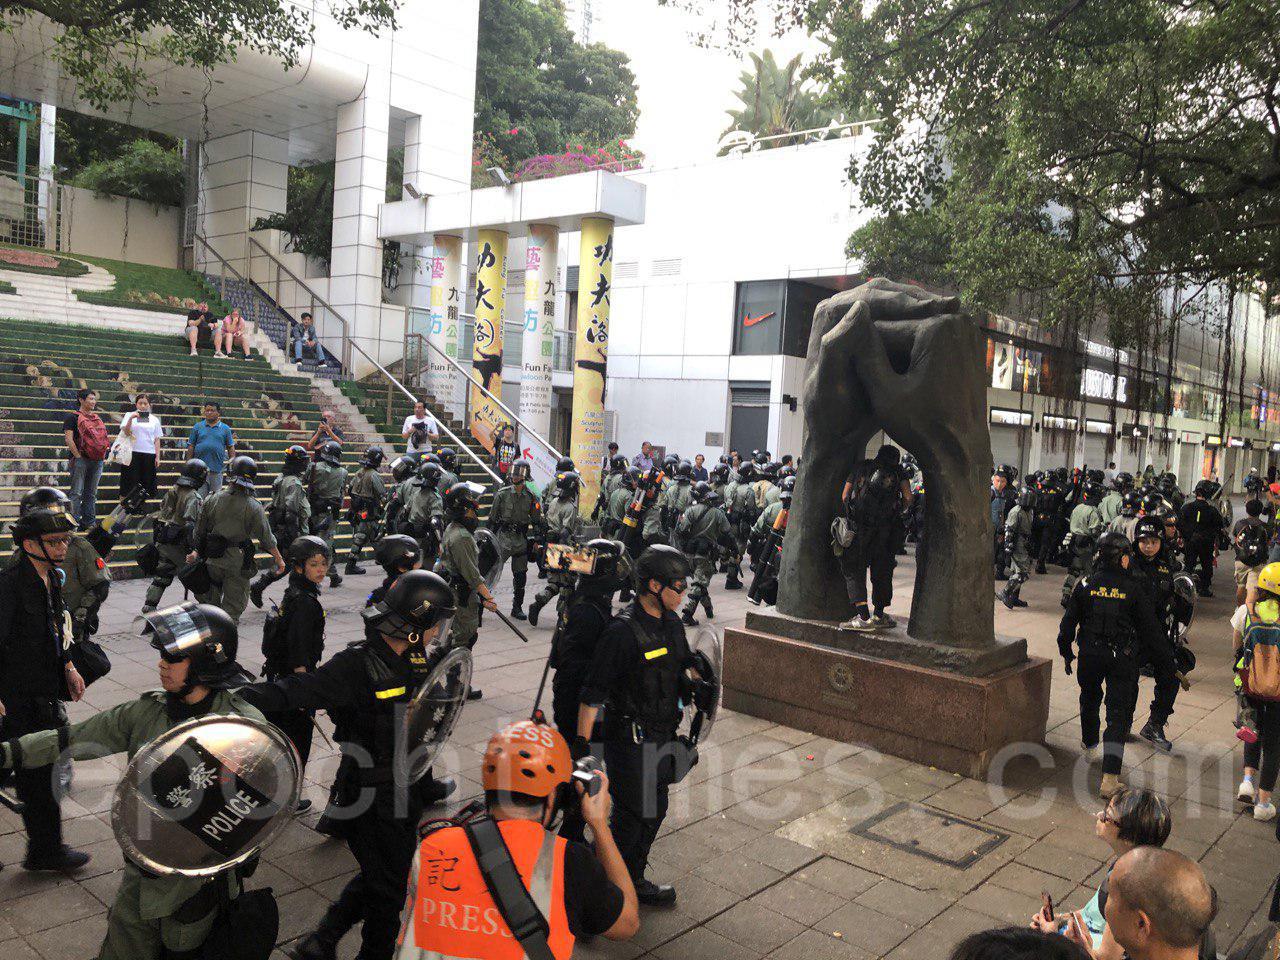 2日下午4時左右,香港市民在尖沙嘴舉行集會,大批防暴警察到場,一路盤查戴口罩市民,引發市民不滿。(余天佑/大紀元)